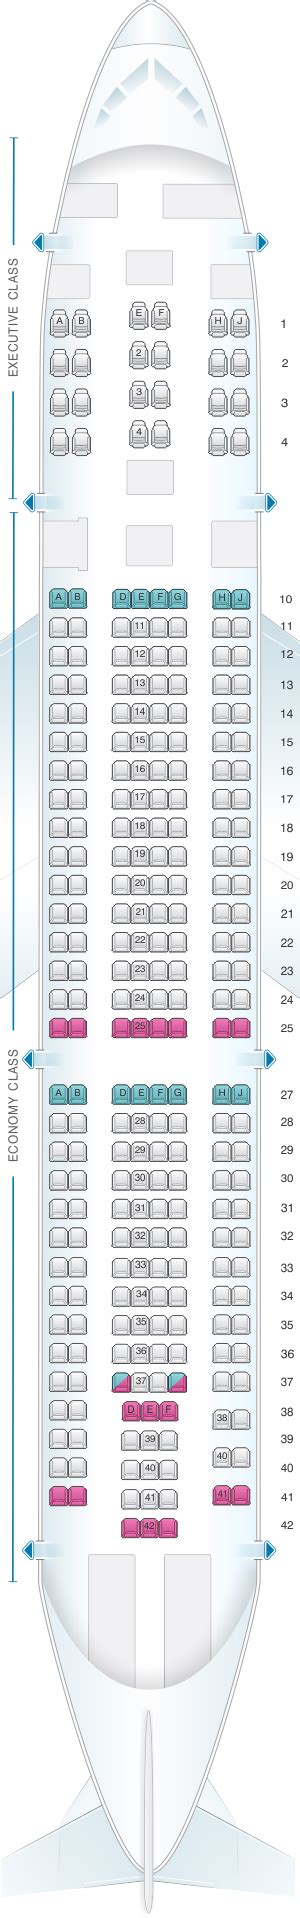 plan des sieges airbus a320 plan de cabine tap portugal airbus a330 seatmaestro fr